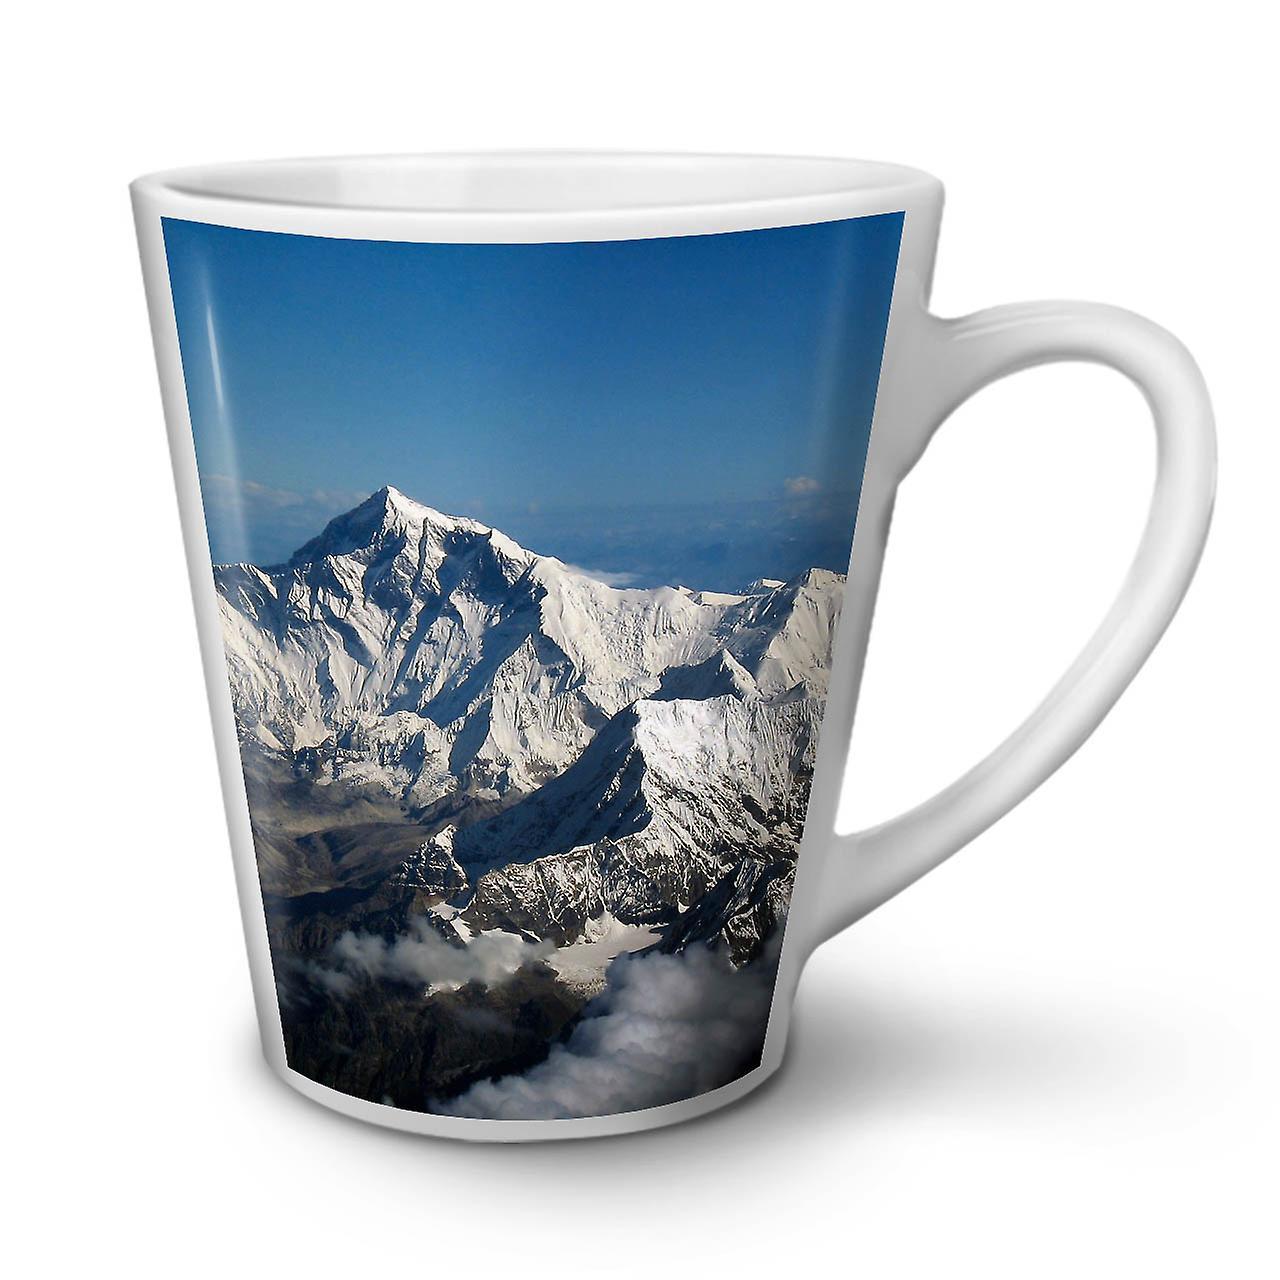 Blanc 12 Nouveau En Café Latte Mug Montagnes Thé Céramique OzWellcoda yOnv0wm8NP